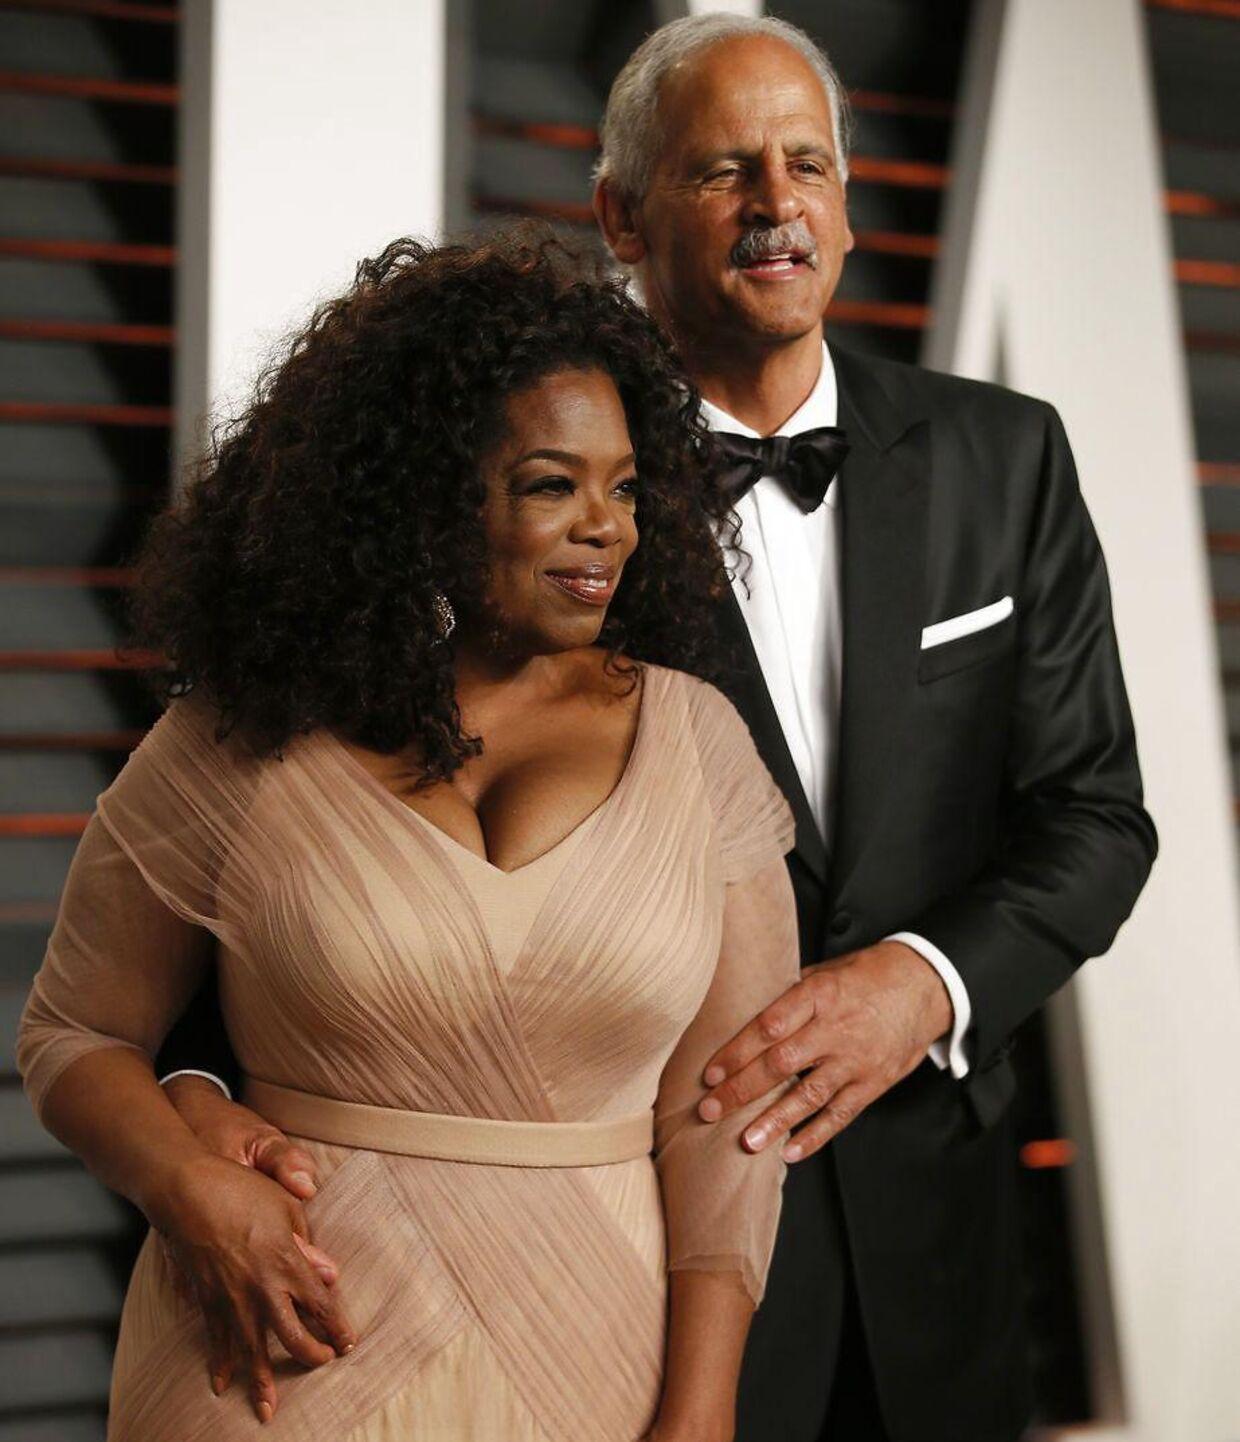 ARKIVFOTO af Oprah Winfrey og Stedman Graham.